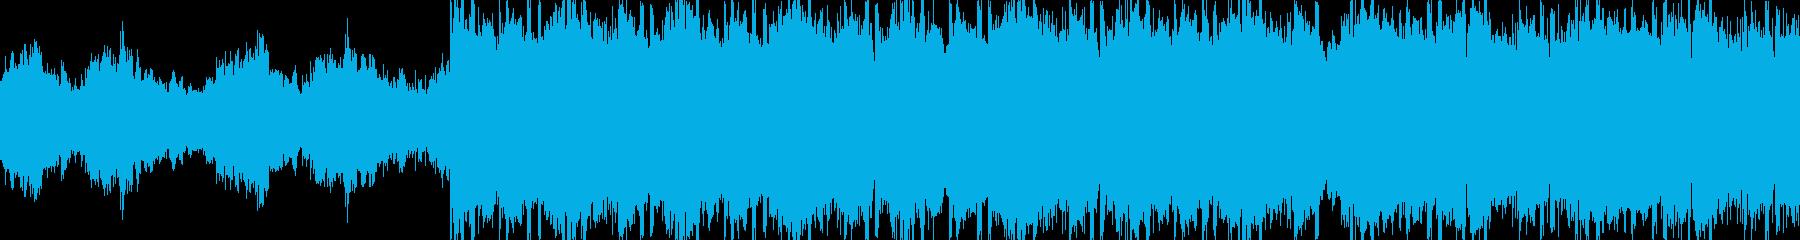 ループ仕様・クール・ピアノ・HIPHOPの再生済みの波形